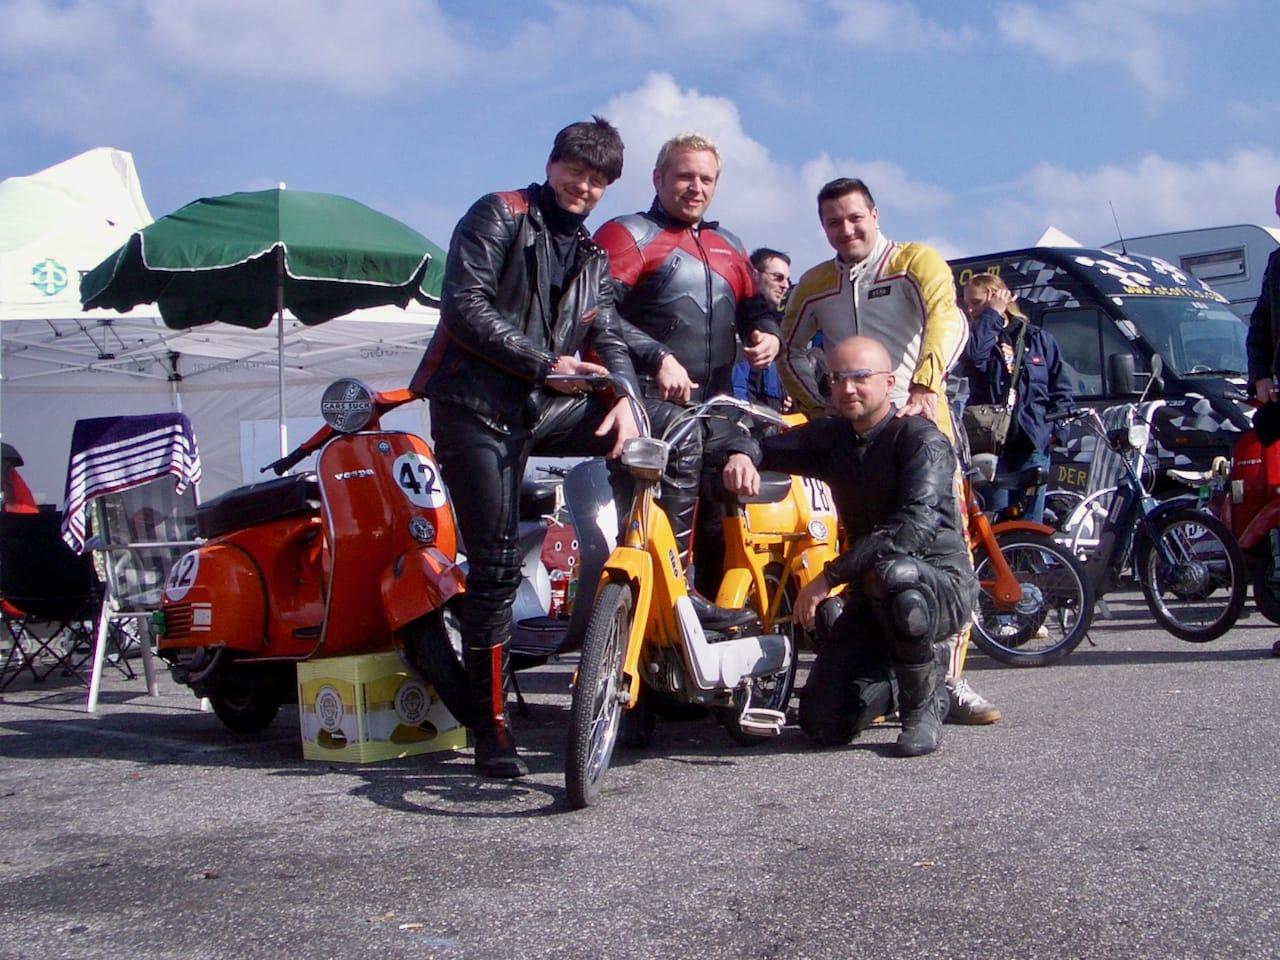 Rollerrennen auf dem Nürburgring 2004